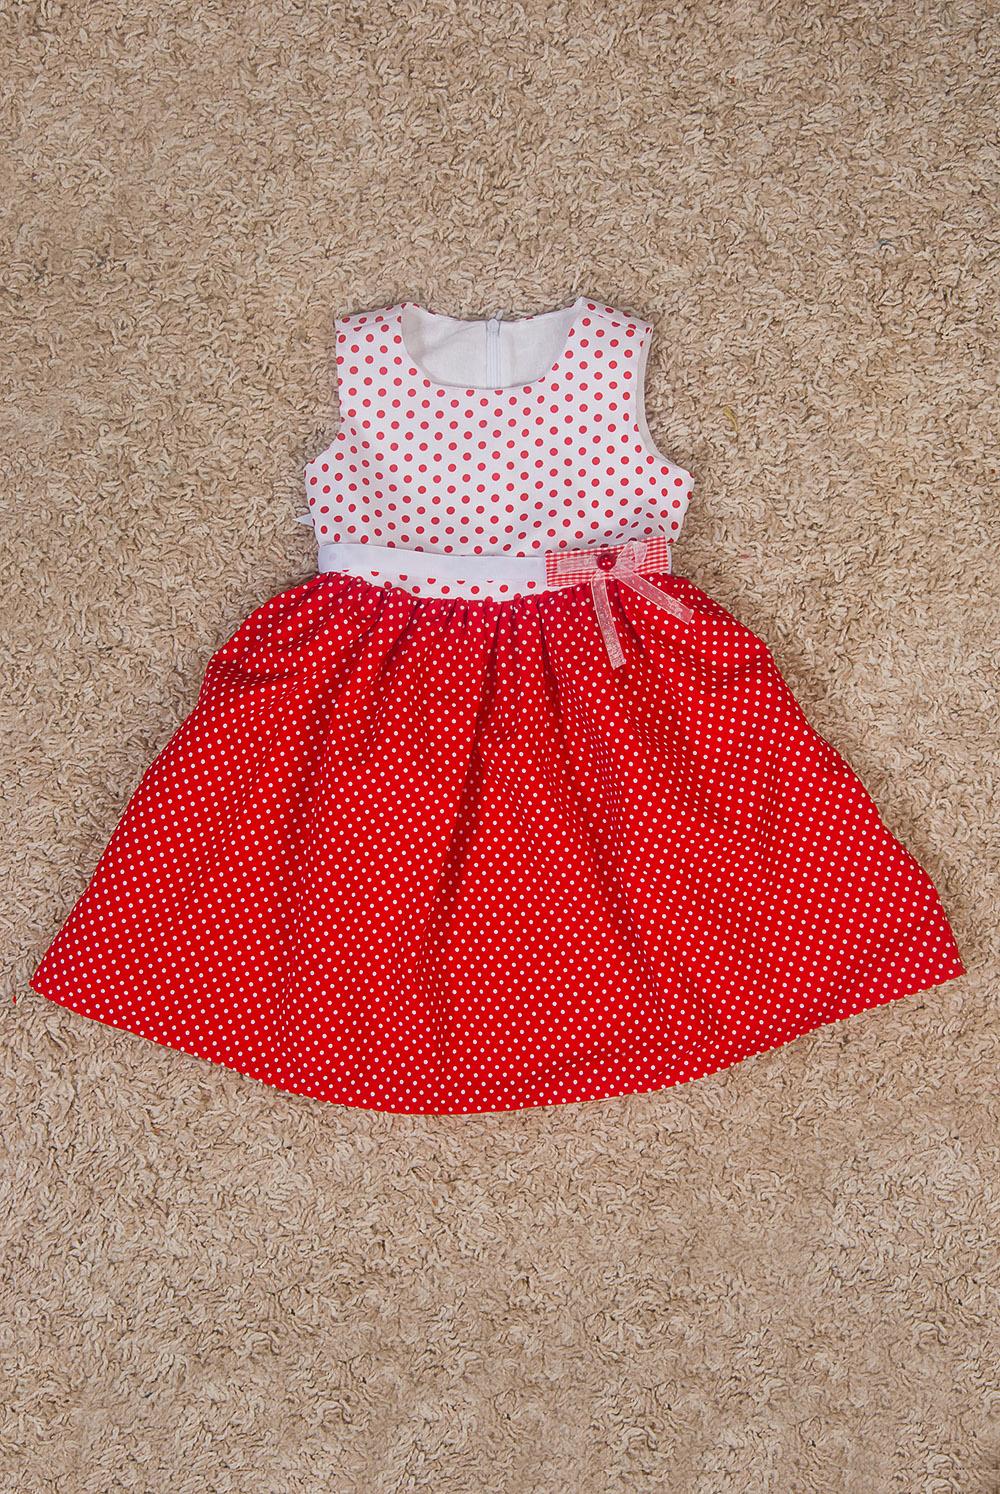 ПлатьеПлатья<br>Платье из натурального принтованного хлопка категории Люкс. Классическое платье с лифом на подкладе. Изюминка платья в сочетании цветов и разных размеров горошин. Платье без пояса.  В изделии использованы цвета: красный, белый  Размер 74 соответствует росту 70-73 см Размер 80 соответствует росту 74-80 см Размер 86 соответствует росту 81-86 см Размер 92 соответствует росту 87-92 см Размер 98 соответствует росту 93-98 см Размер 104 соответствует росту 98-104 см Размер 110 соответствует росту 105-110 см Размер 116 соответствует росту 111-116 см Размер 122 соответствует росту 117-122 см Размер 128 соответствует росту 123-128 см Размер 134 соответствует росту 129-134 см Размер 140 соответствует росту 135-140 см Размер 146 соответствует росту 141-146 см Размер 152 соответствует росту 147-152 см Размер 158 соответствует росту 153-158 см Размер 164 соответствует росту 159-164 см Размер 170 соответствует росту 165-170 см<br><br>Бретели: Широкие бретели<br>Горловина: С- горловина<br>По возрасту: Ясельные ( от 1 до 3 лет),Дошкольные ( от 3 до 7 лет)<br>По длине: Миди<br>По материалу: Хлопковые<br>По образу: Повседневные,Торжество<br>По рисунку: В горошек,С принтом (печатью),Цветные<br>По силуэту: Приталенные<br>По стилю: Летние,Нарядные,Повседневные<br>По форме: Трапеция<br>По элементам: Без рукавов,С декором<br>По сезону: Лето<br>Размер : 122,98<br>Материал: Хлопок<br>Количество в наличии: 3